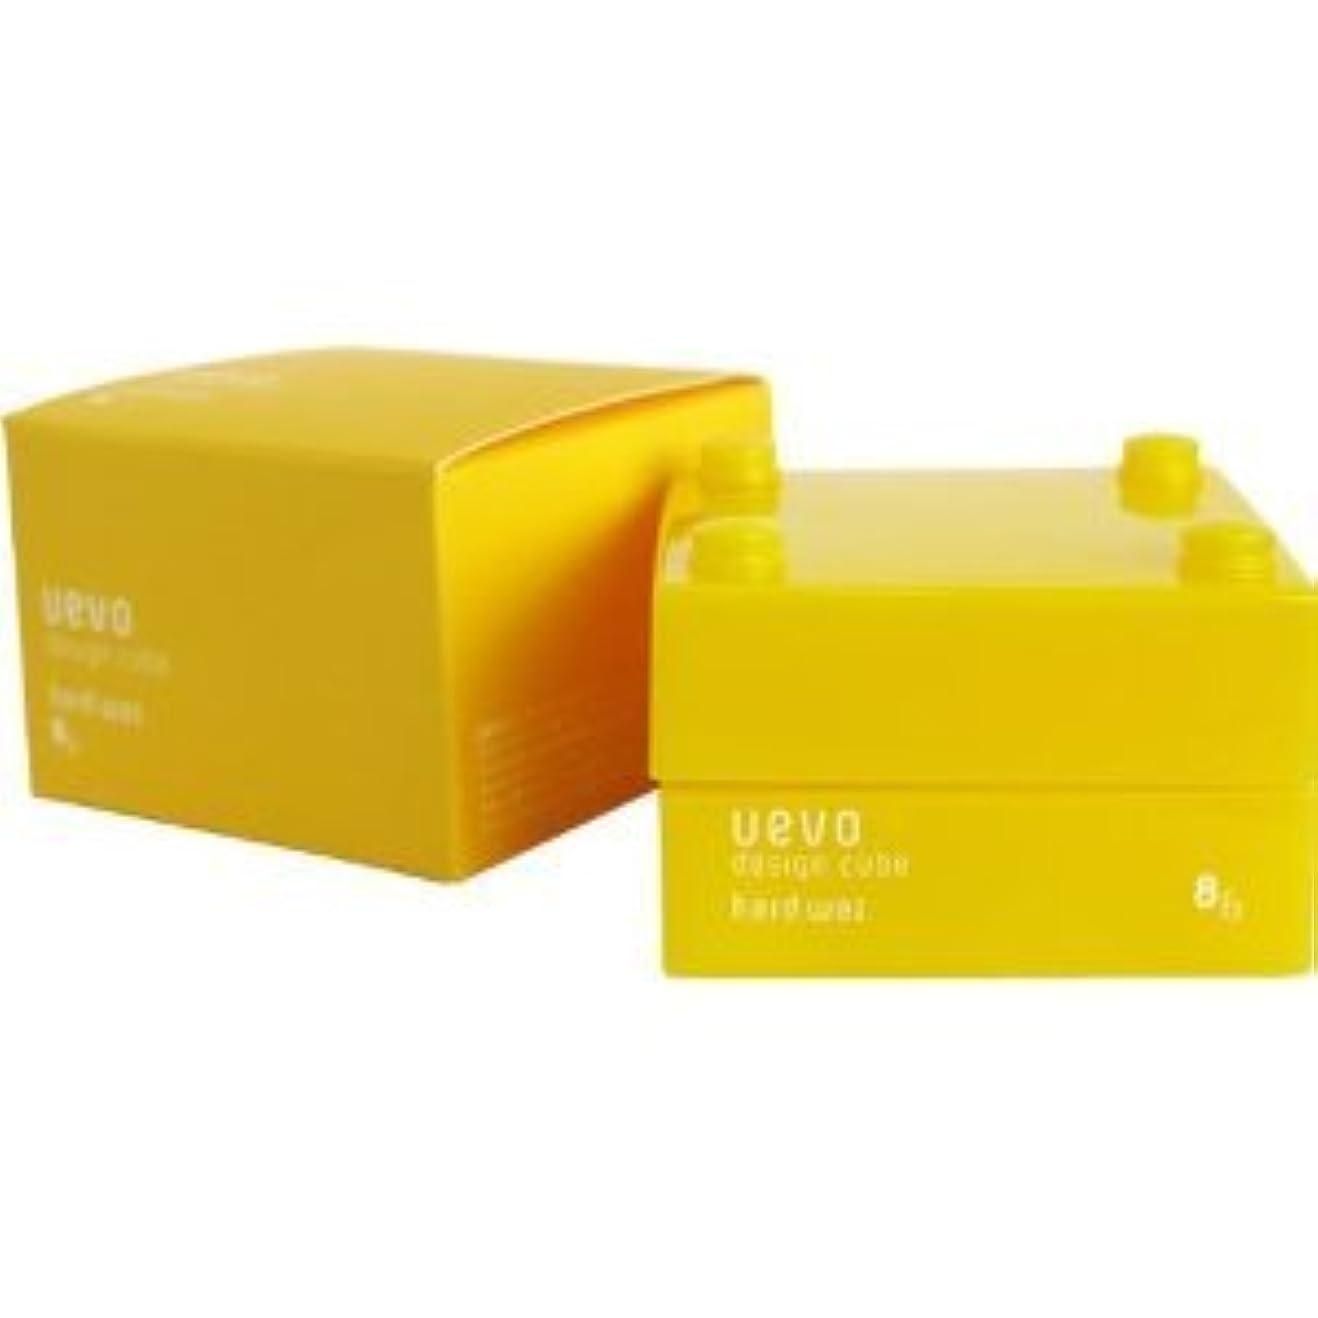 整理するペリスコープランチョン【X3個セット】 デミ ウェーボ デザインキューブ ハードワックス 30g hard wax DEMI uevo design cube